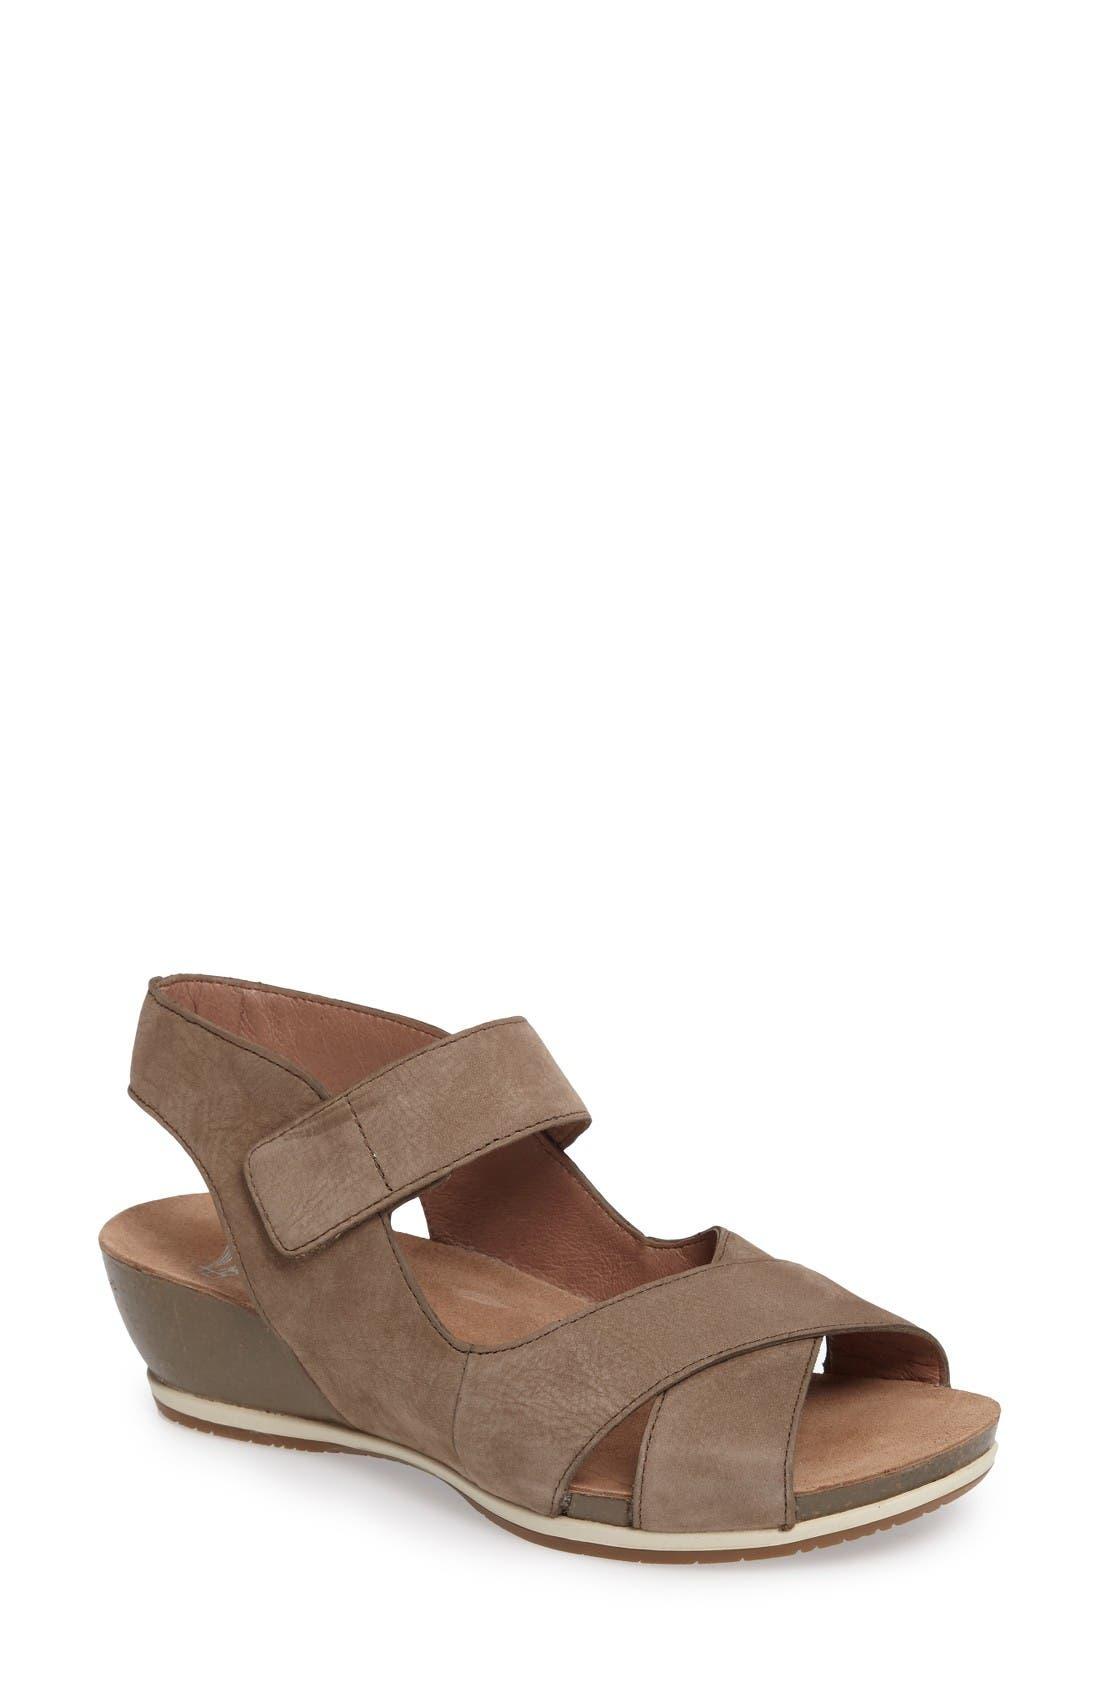 Dansko Violet Slingback Wedge Sandal (Women)